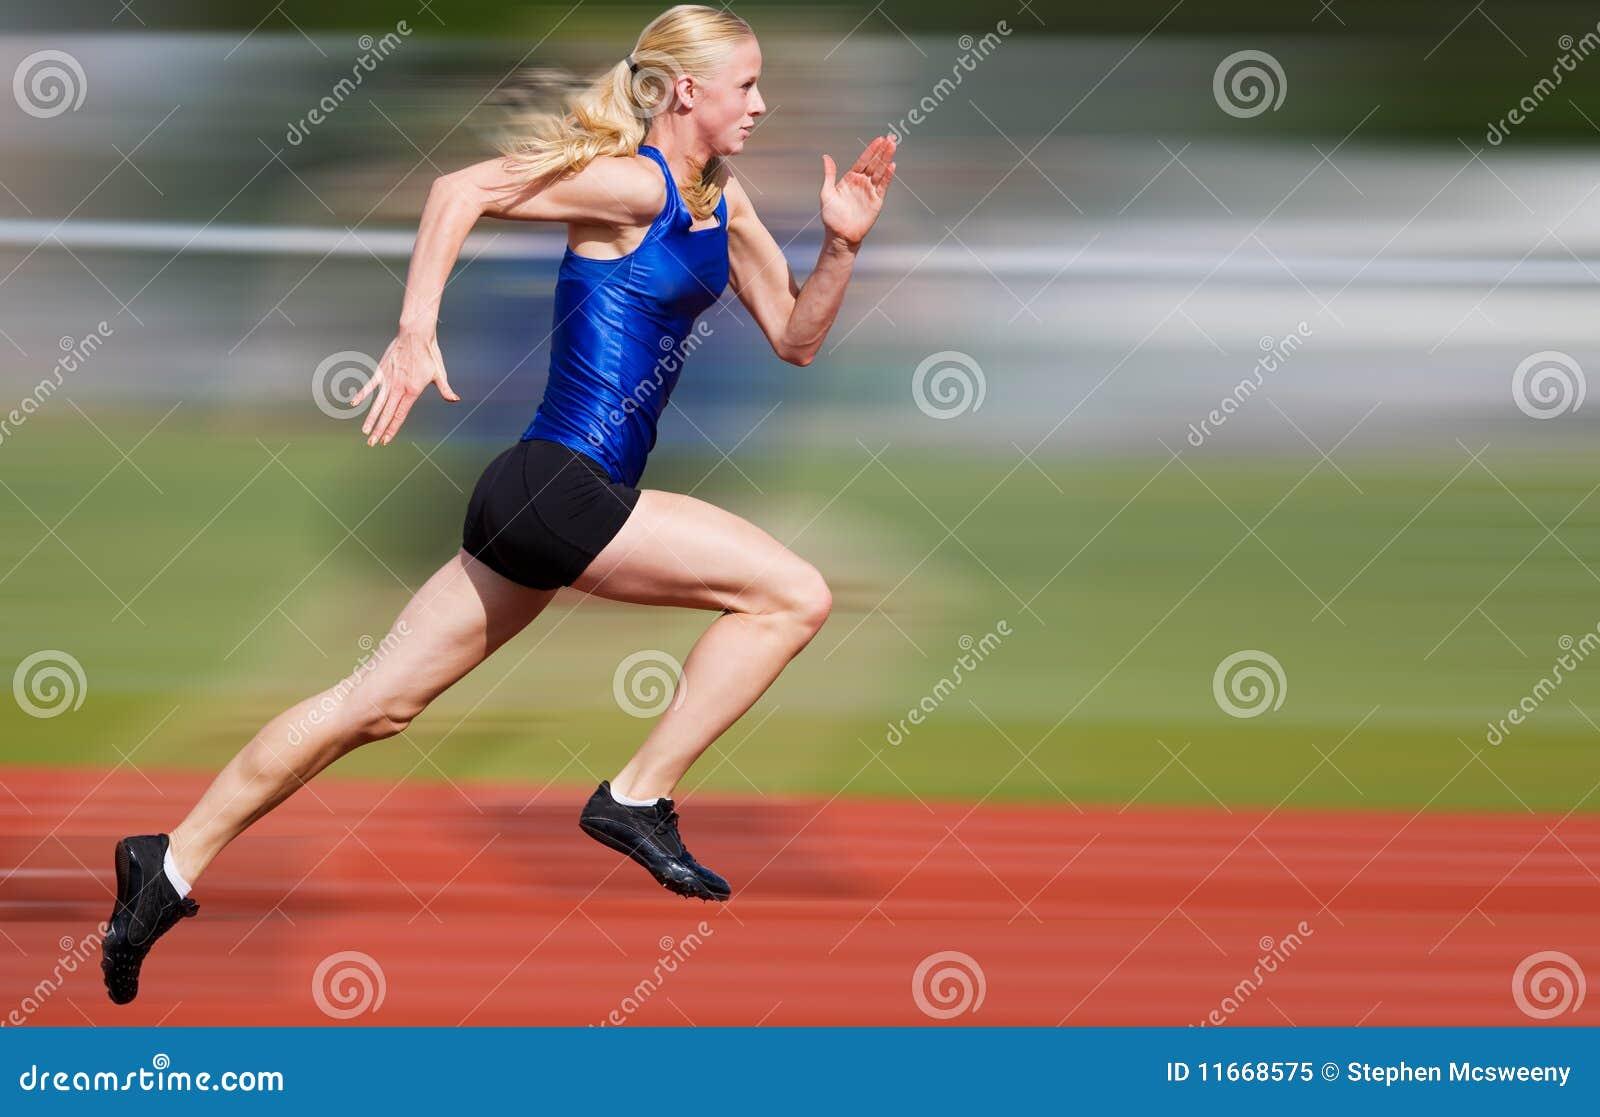 Falta de definición de la velocidad